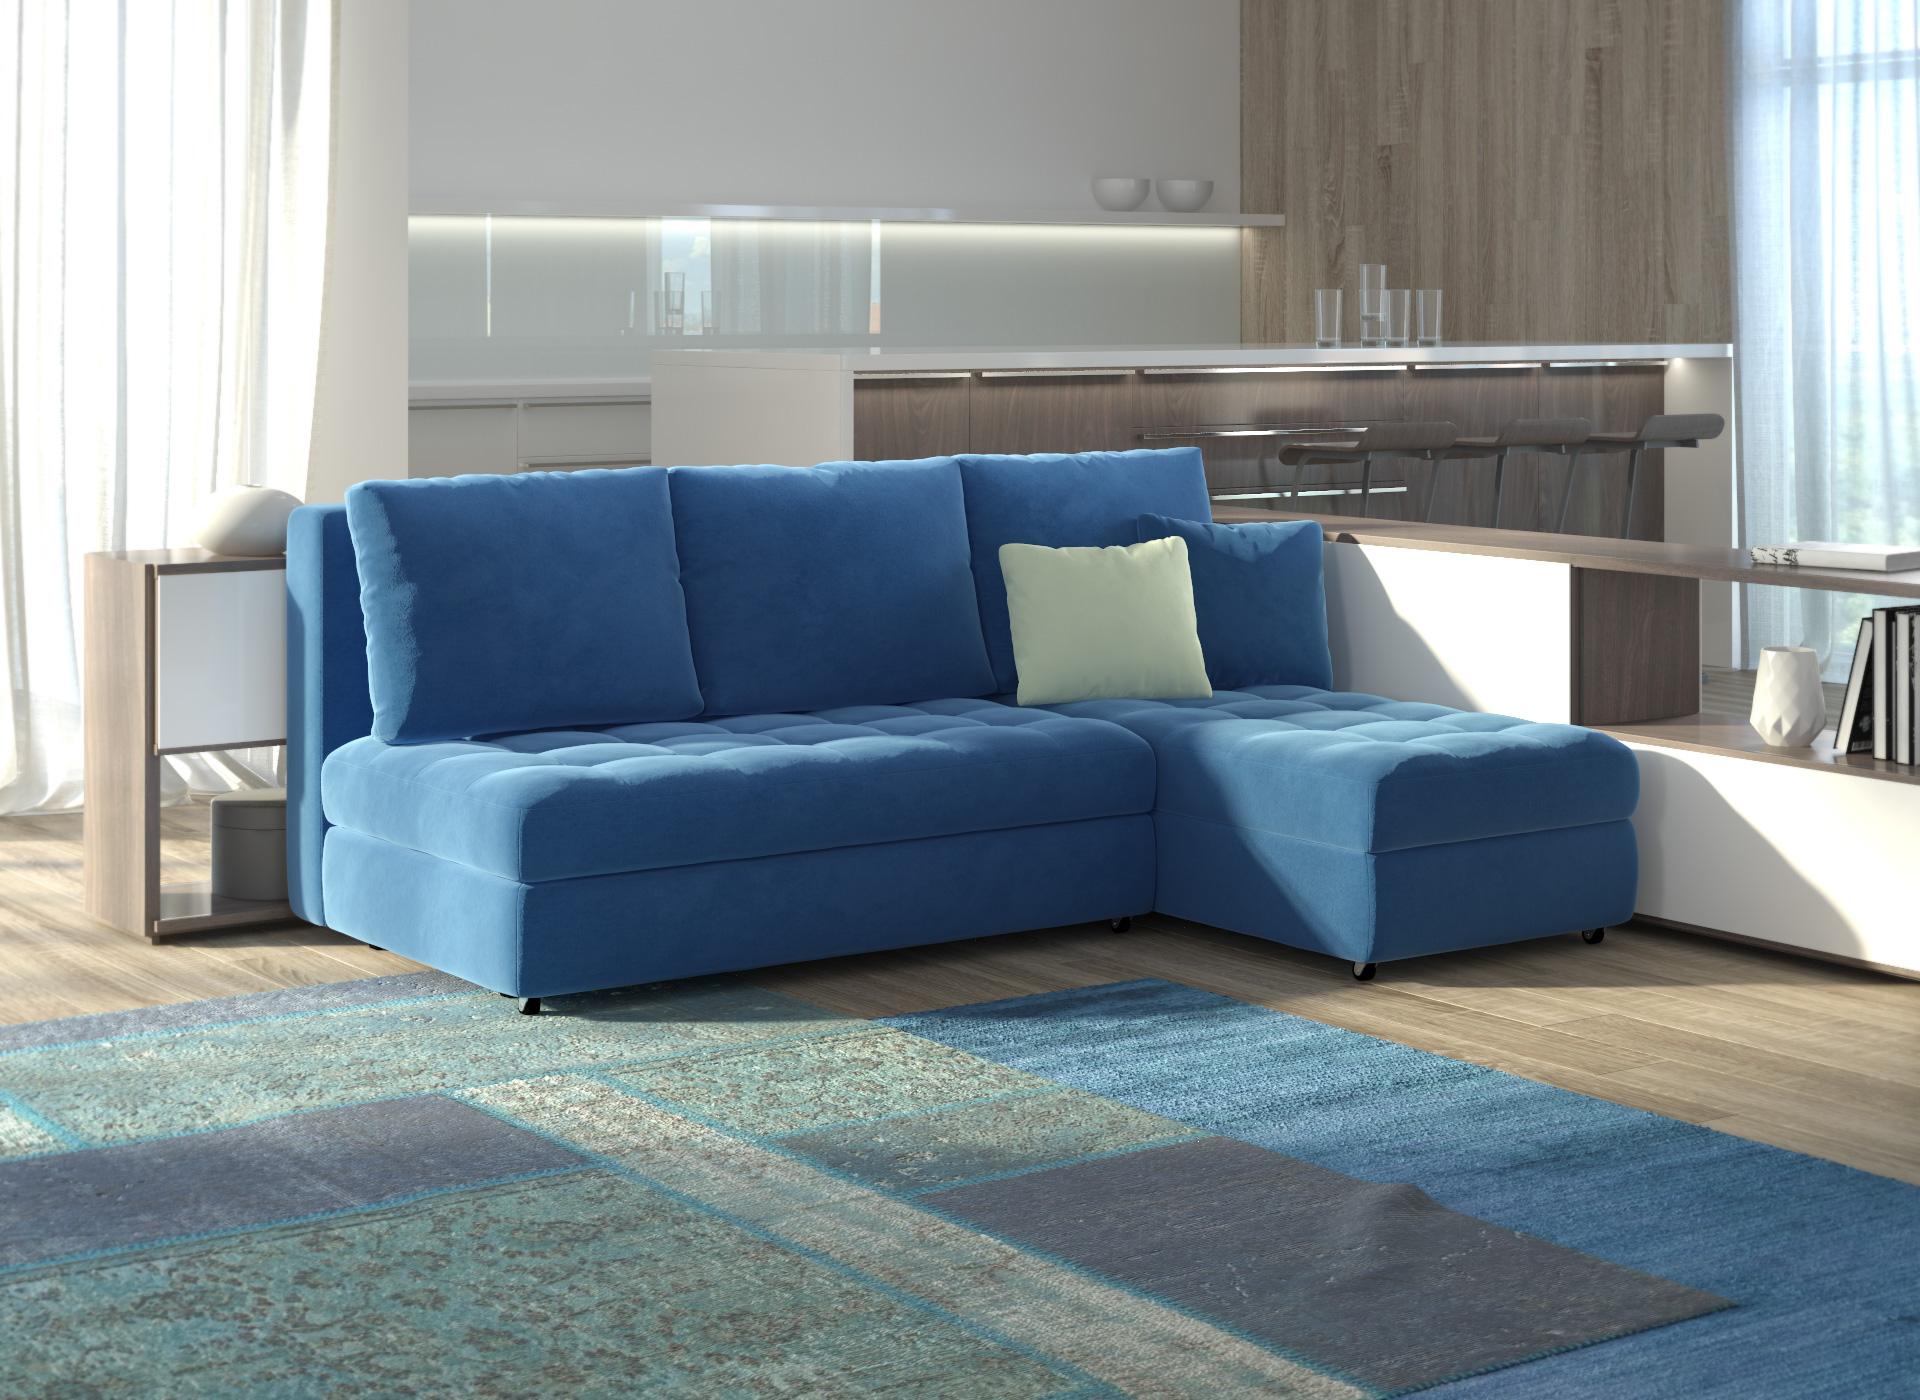 Синий диван в современном интерьере